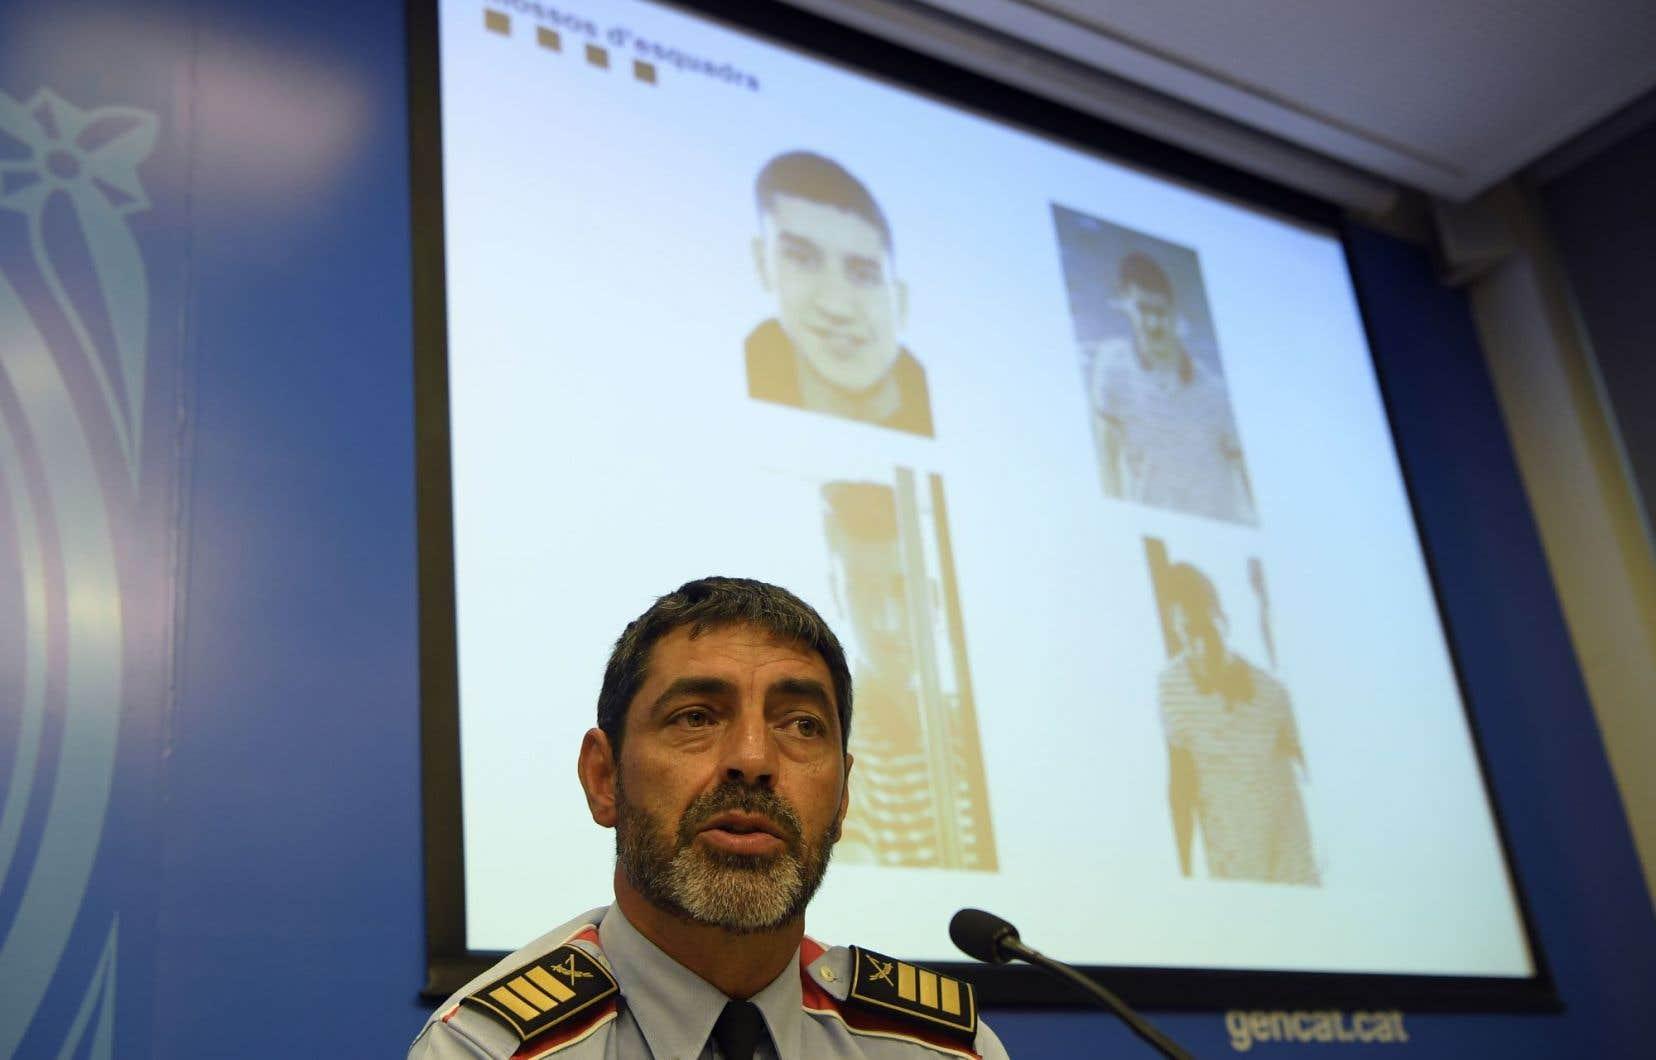 Le chef de la police catalane, Josep Lluis Trapero, présentele signalement de Younès Abouyaaqoub en conférence de presse.